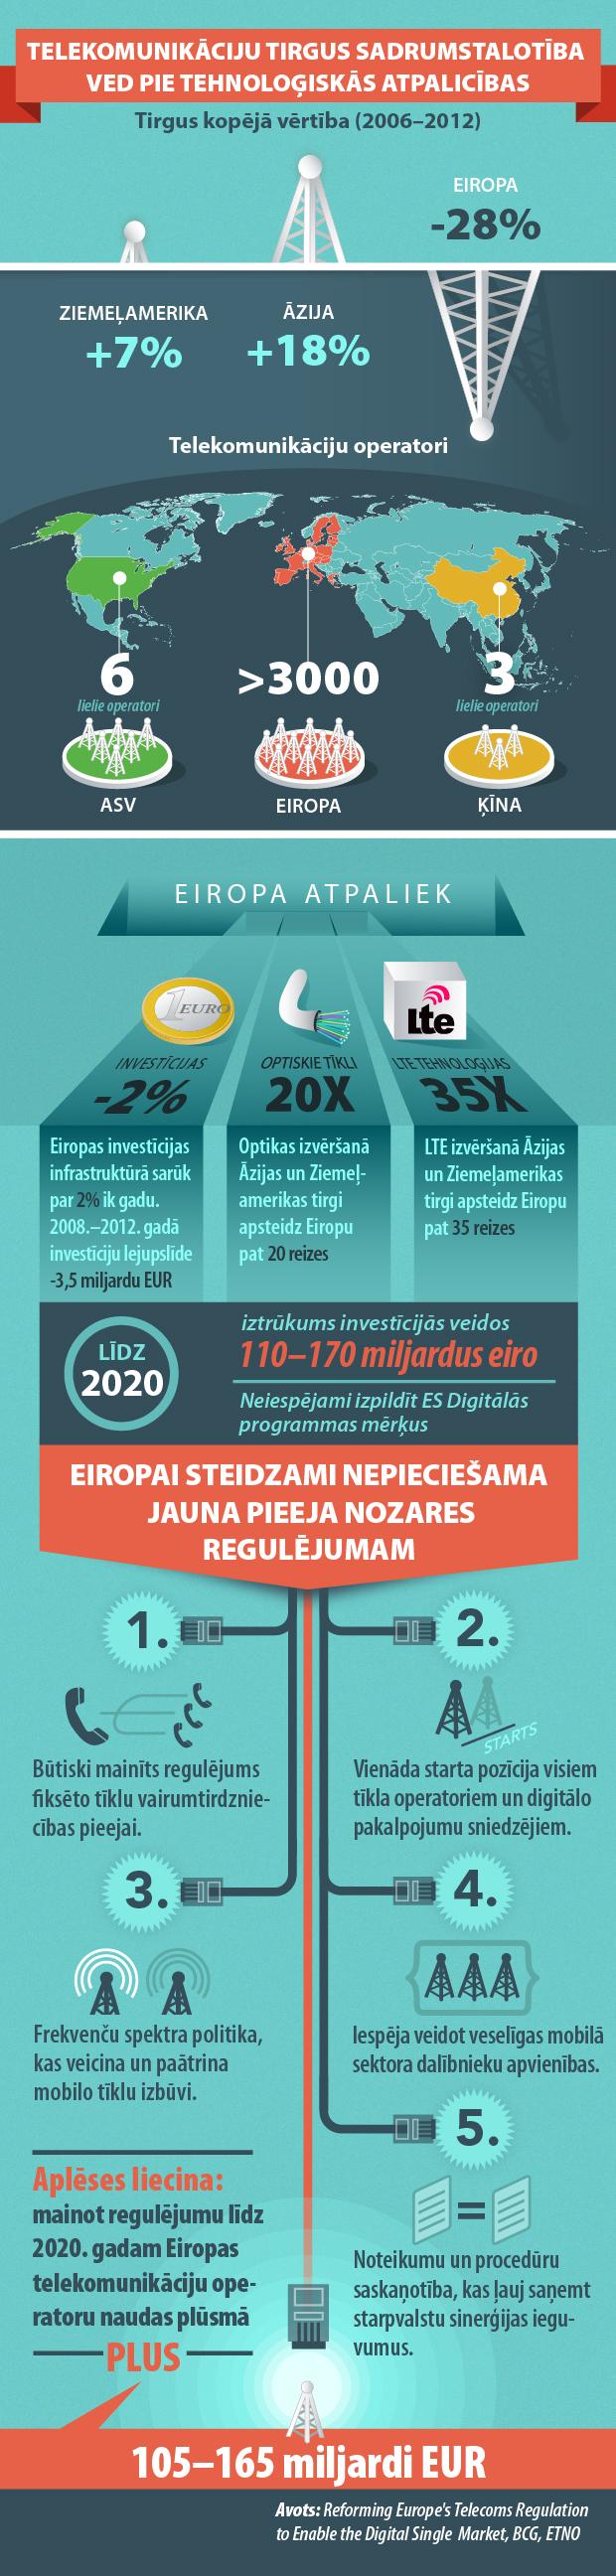 Infografika: Telekomunikāciju tirgus sadrumstalotība ved pie tehnoloģiskās atpalicības